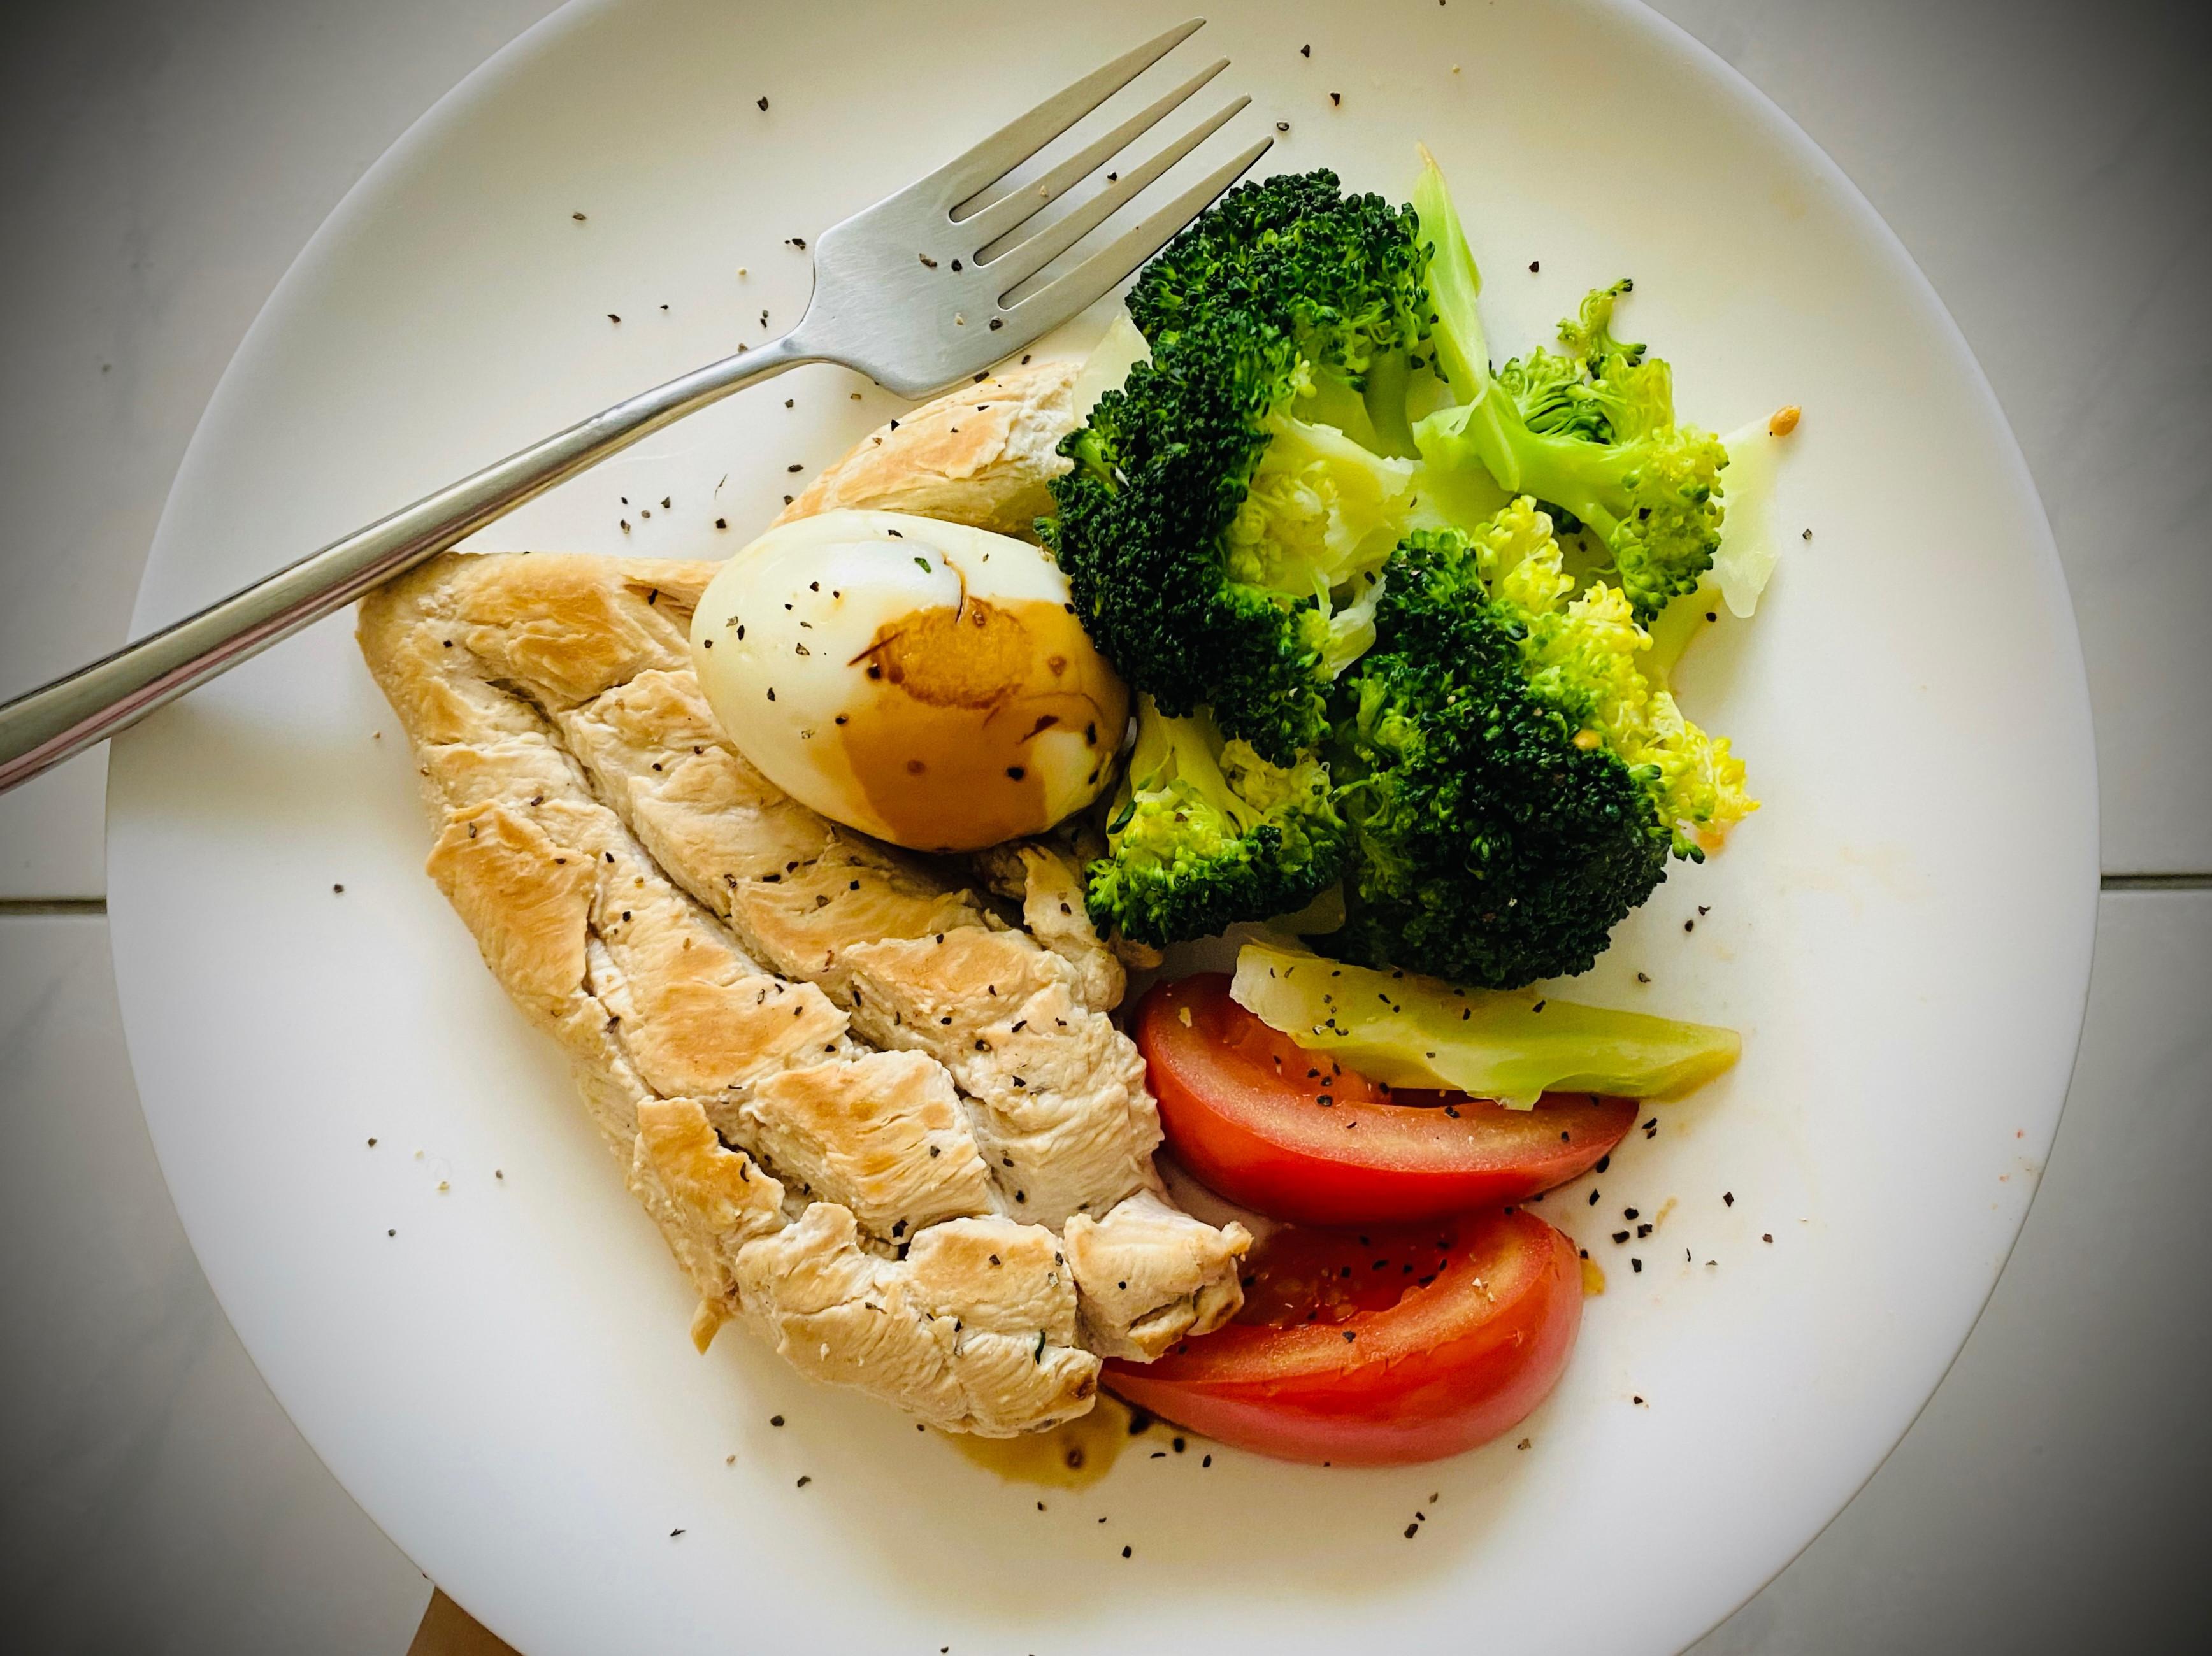 [減脂餐]S8 雞胸/花椰菜/番茄蛋